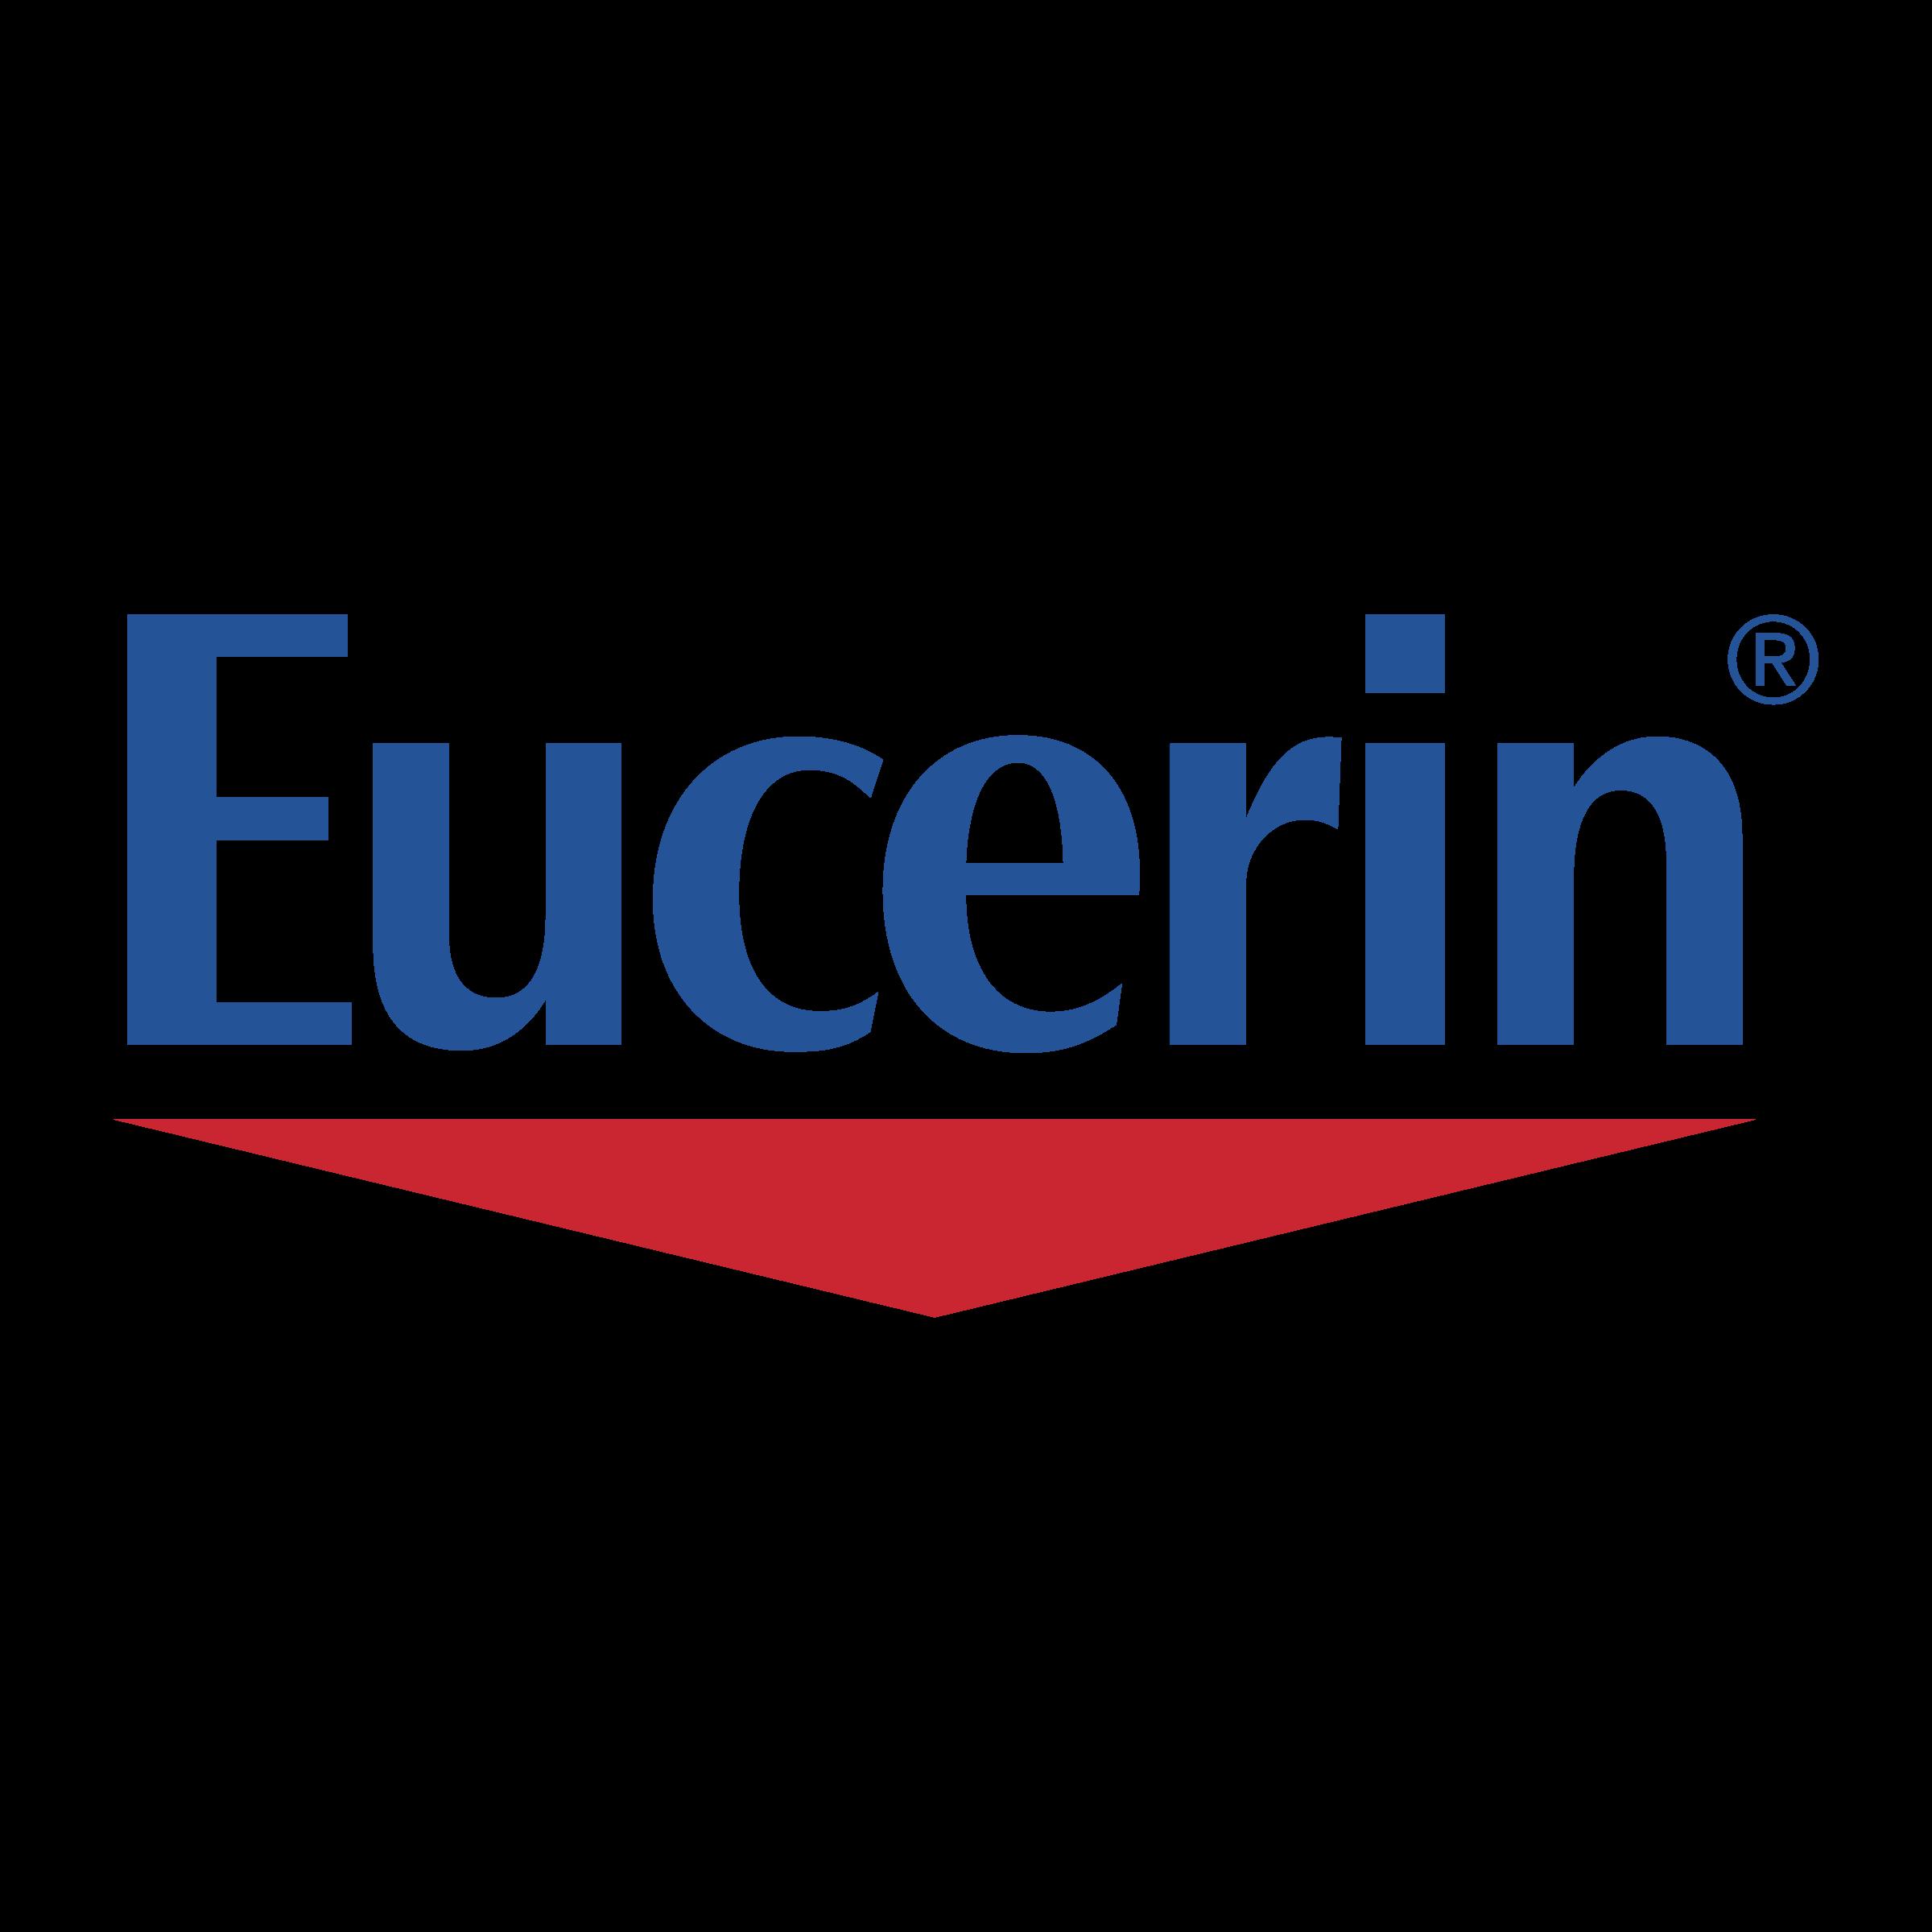 https://www.durbanskindoctor.co.za/wp-content/uploads/2019/12/eucerin-logo-png-transparent.png